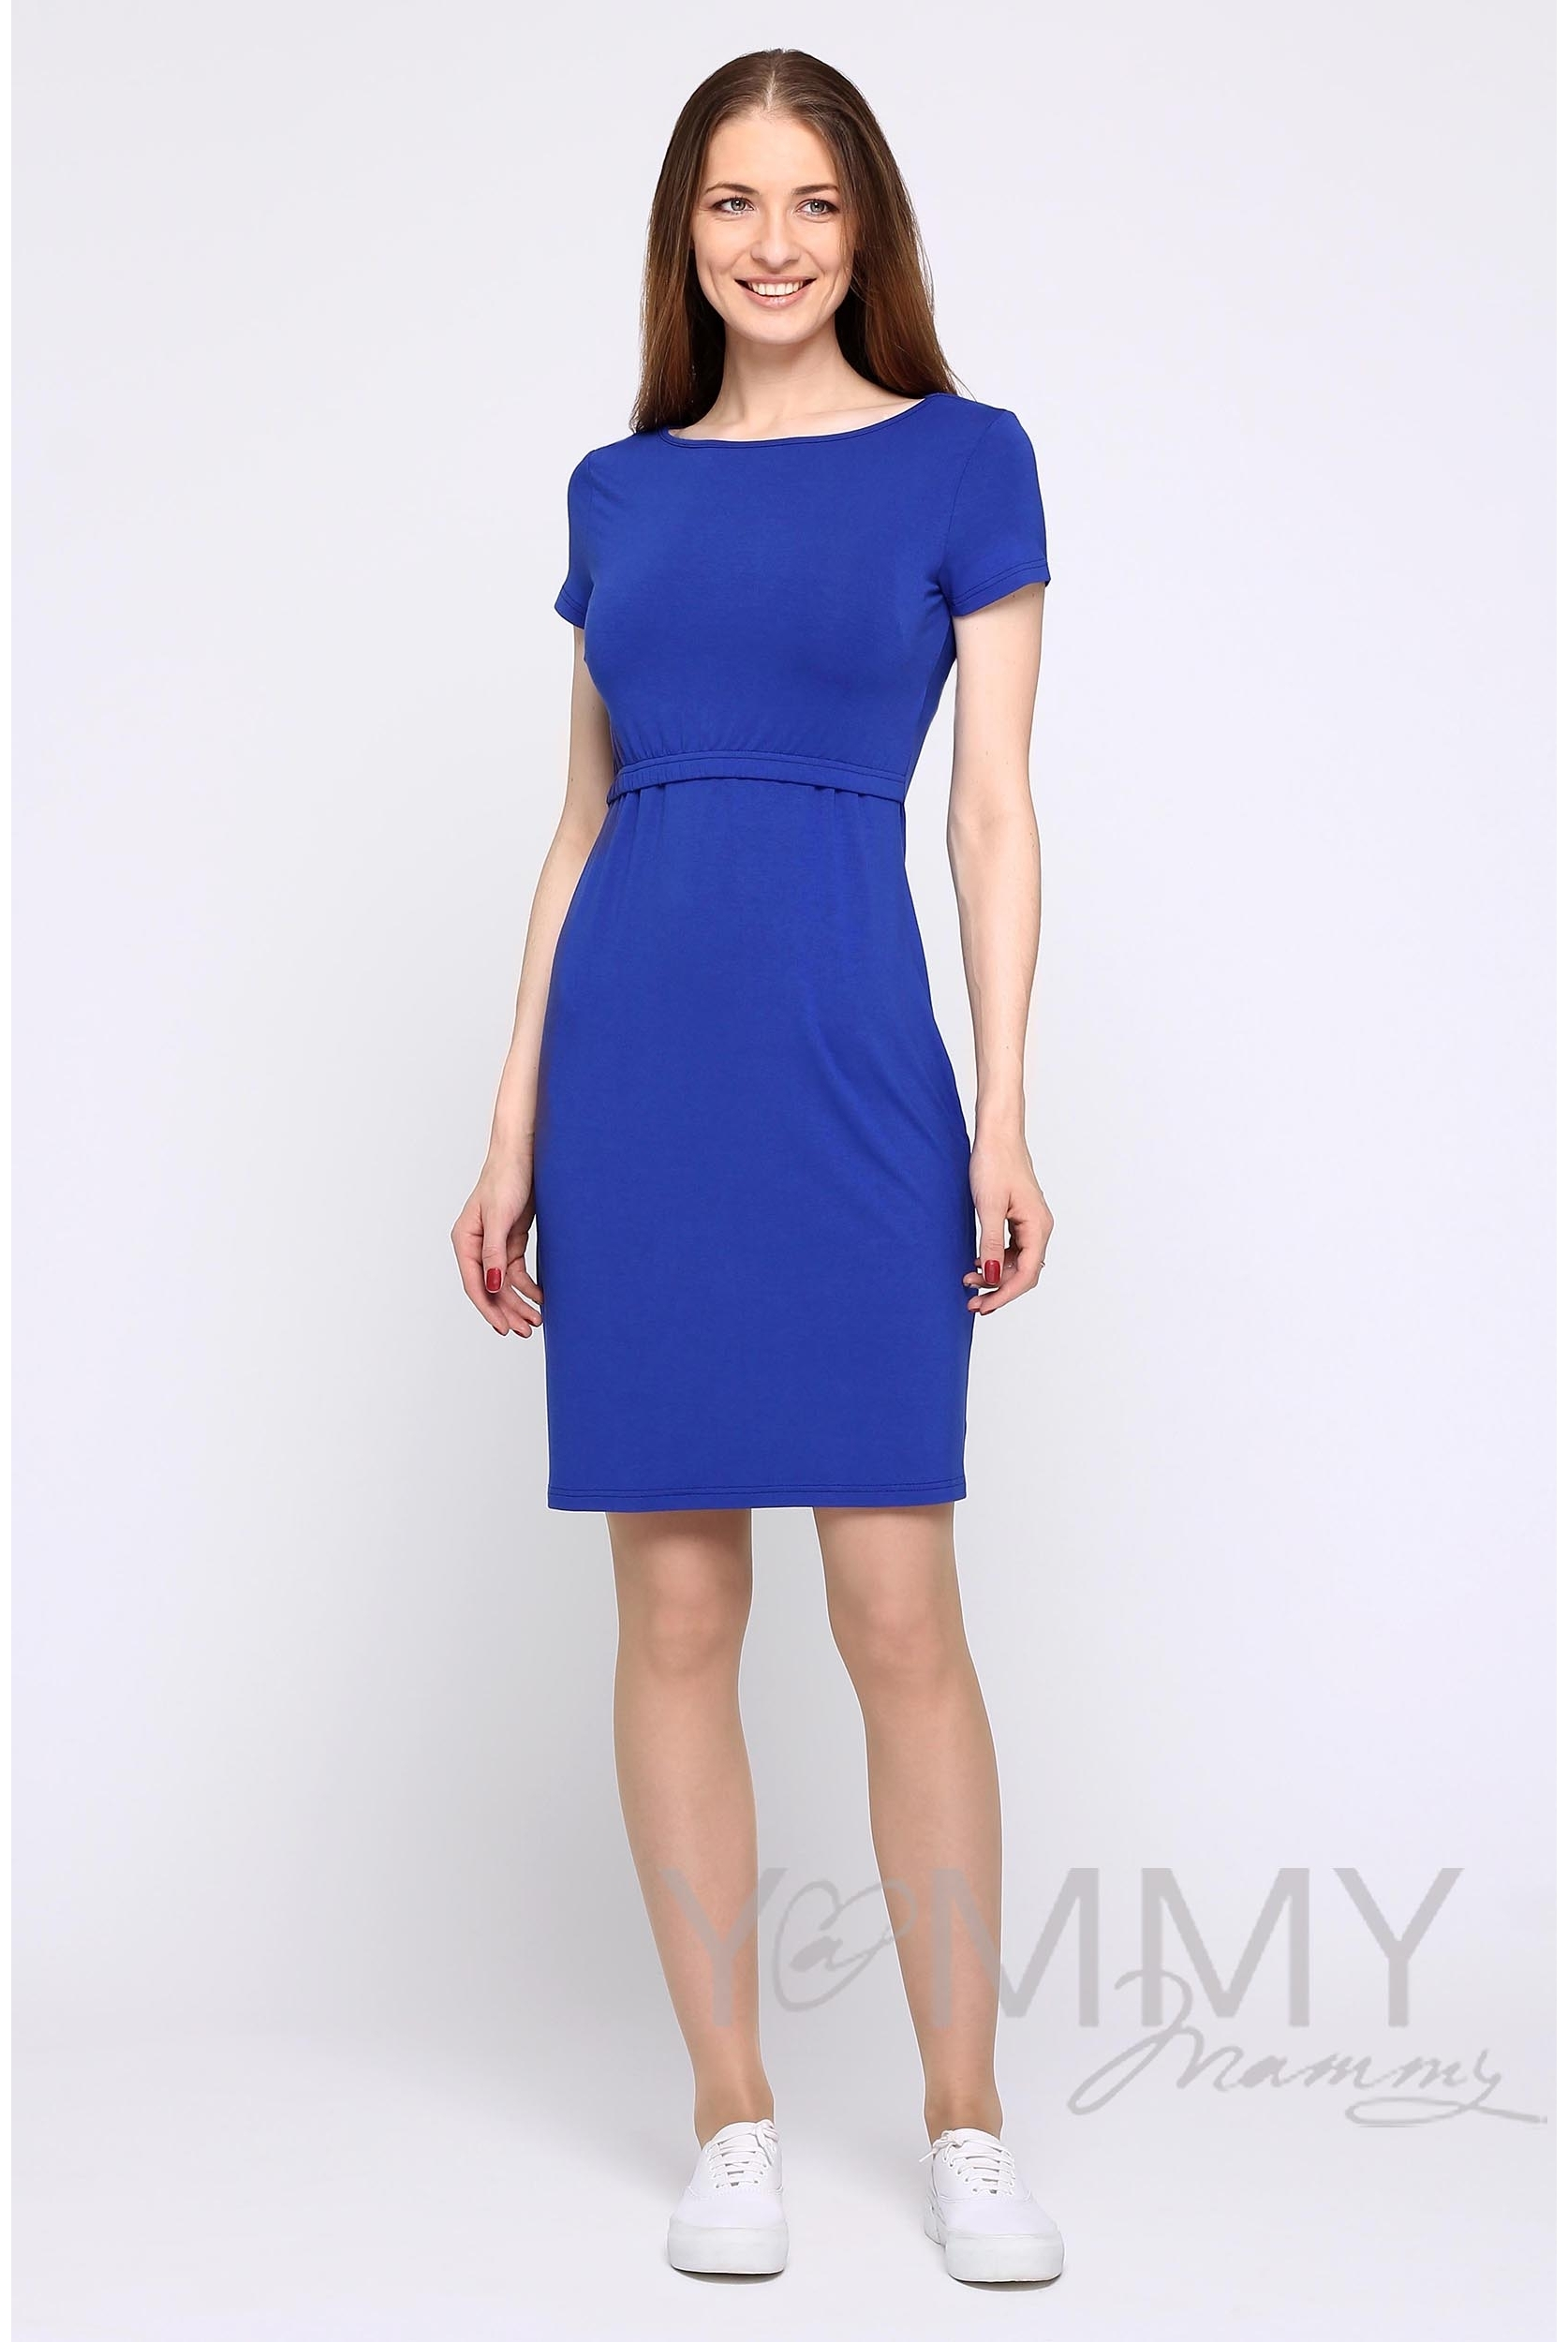 Платье для беременных и кормящих из вискозы, ультрамарин - купить ... 3d29ae1fe07